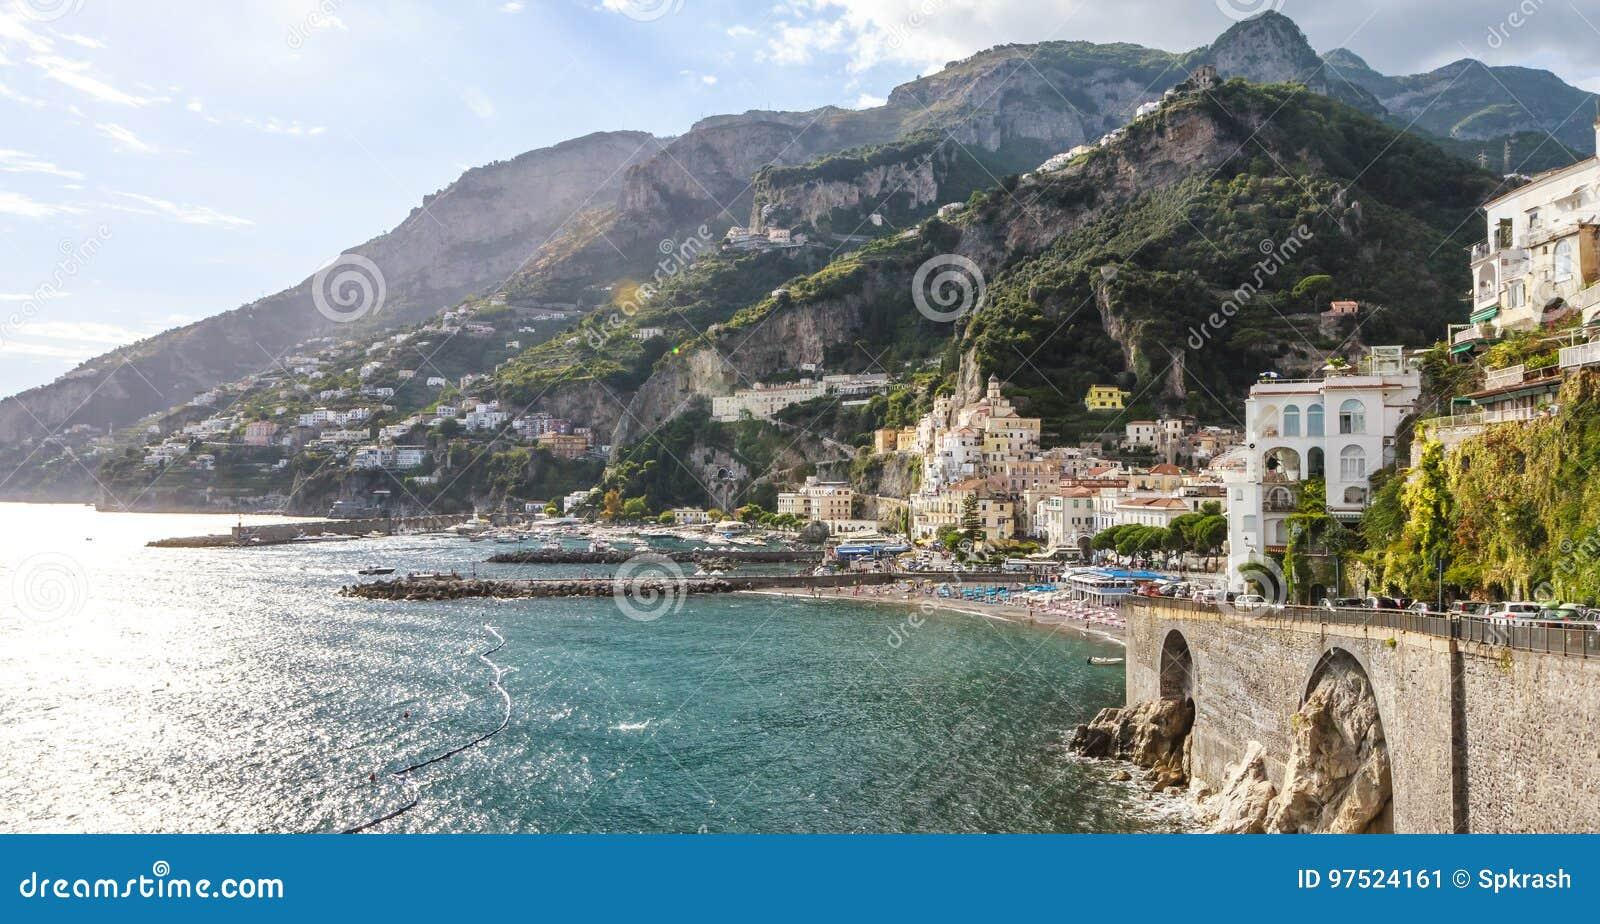 Χαρακτηριστική άποψη της ακτής της Αμάλφης με τη θάλασσα και τα βουνά εικονικής παράστασης πόλης